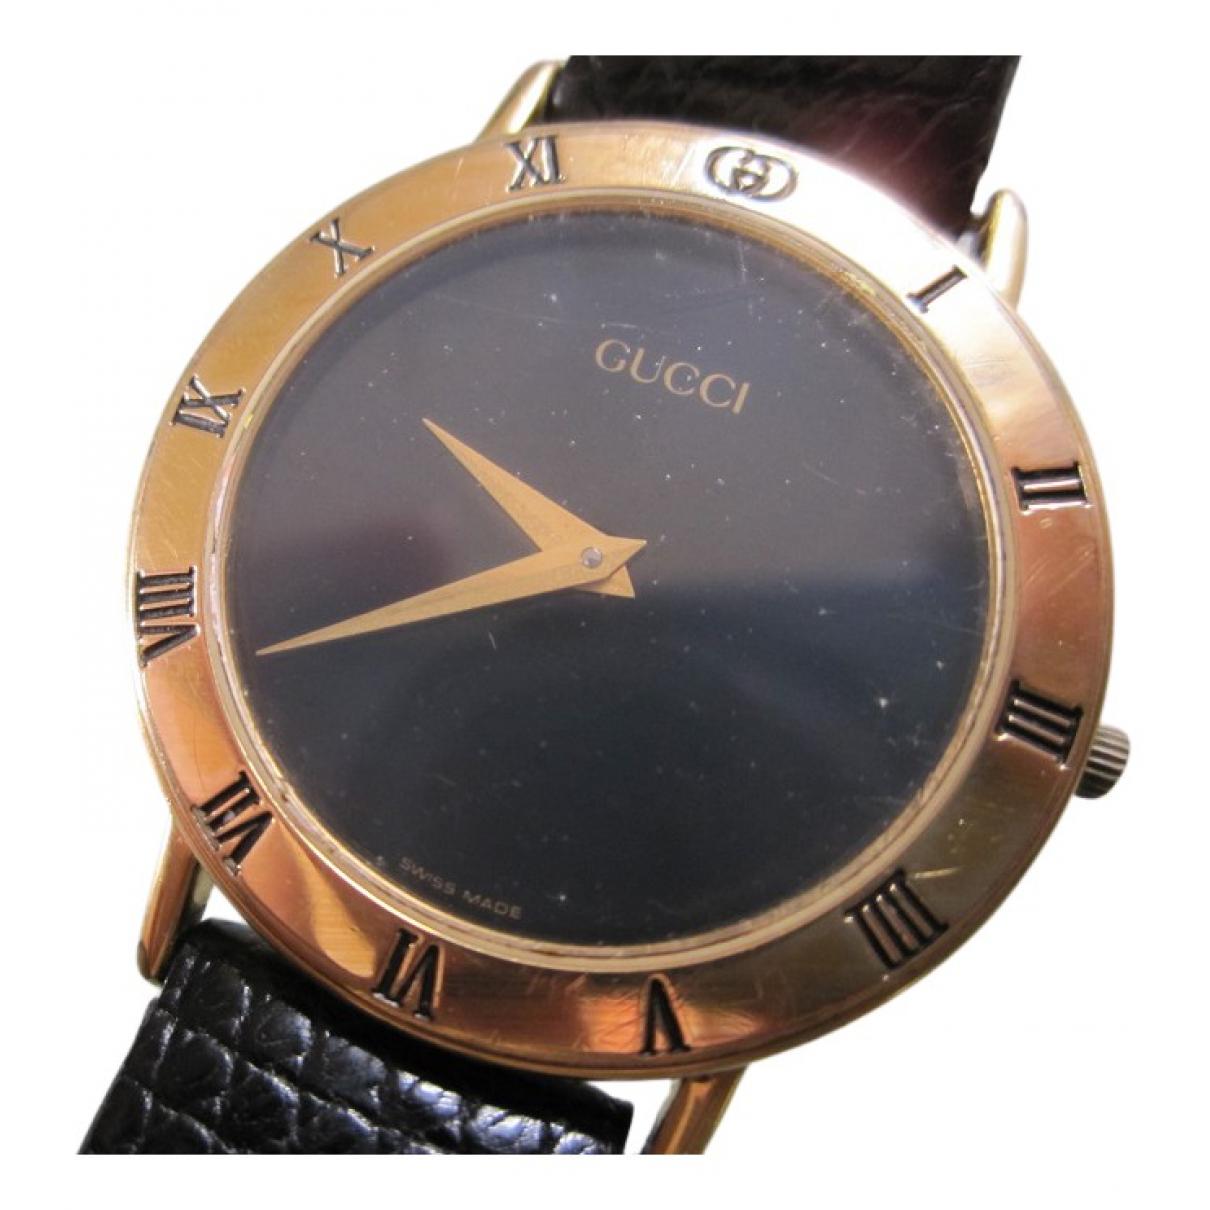 Gucci - Montre   pour homme en plaque or - dore